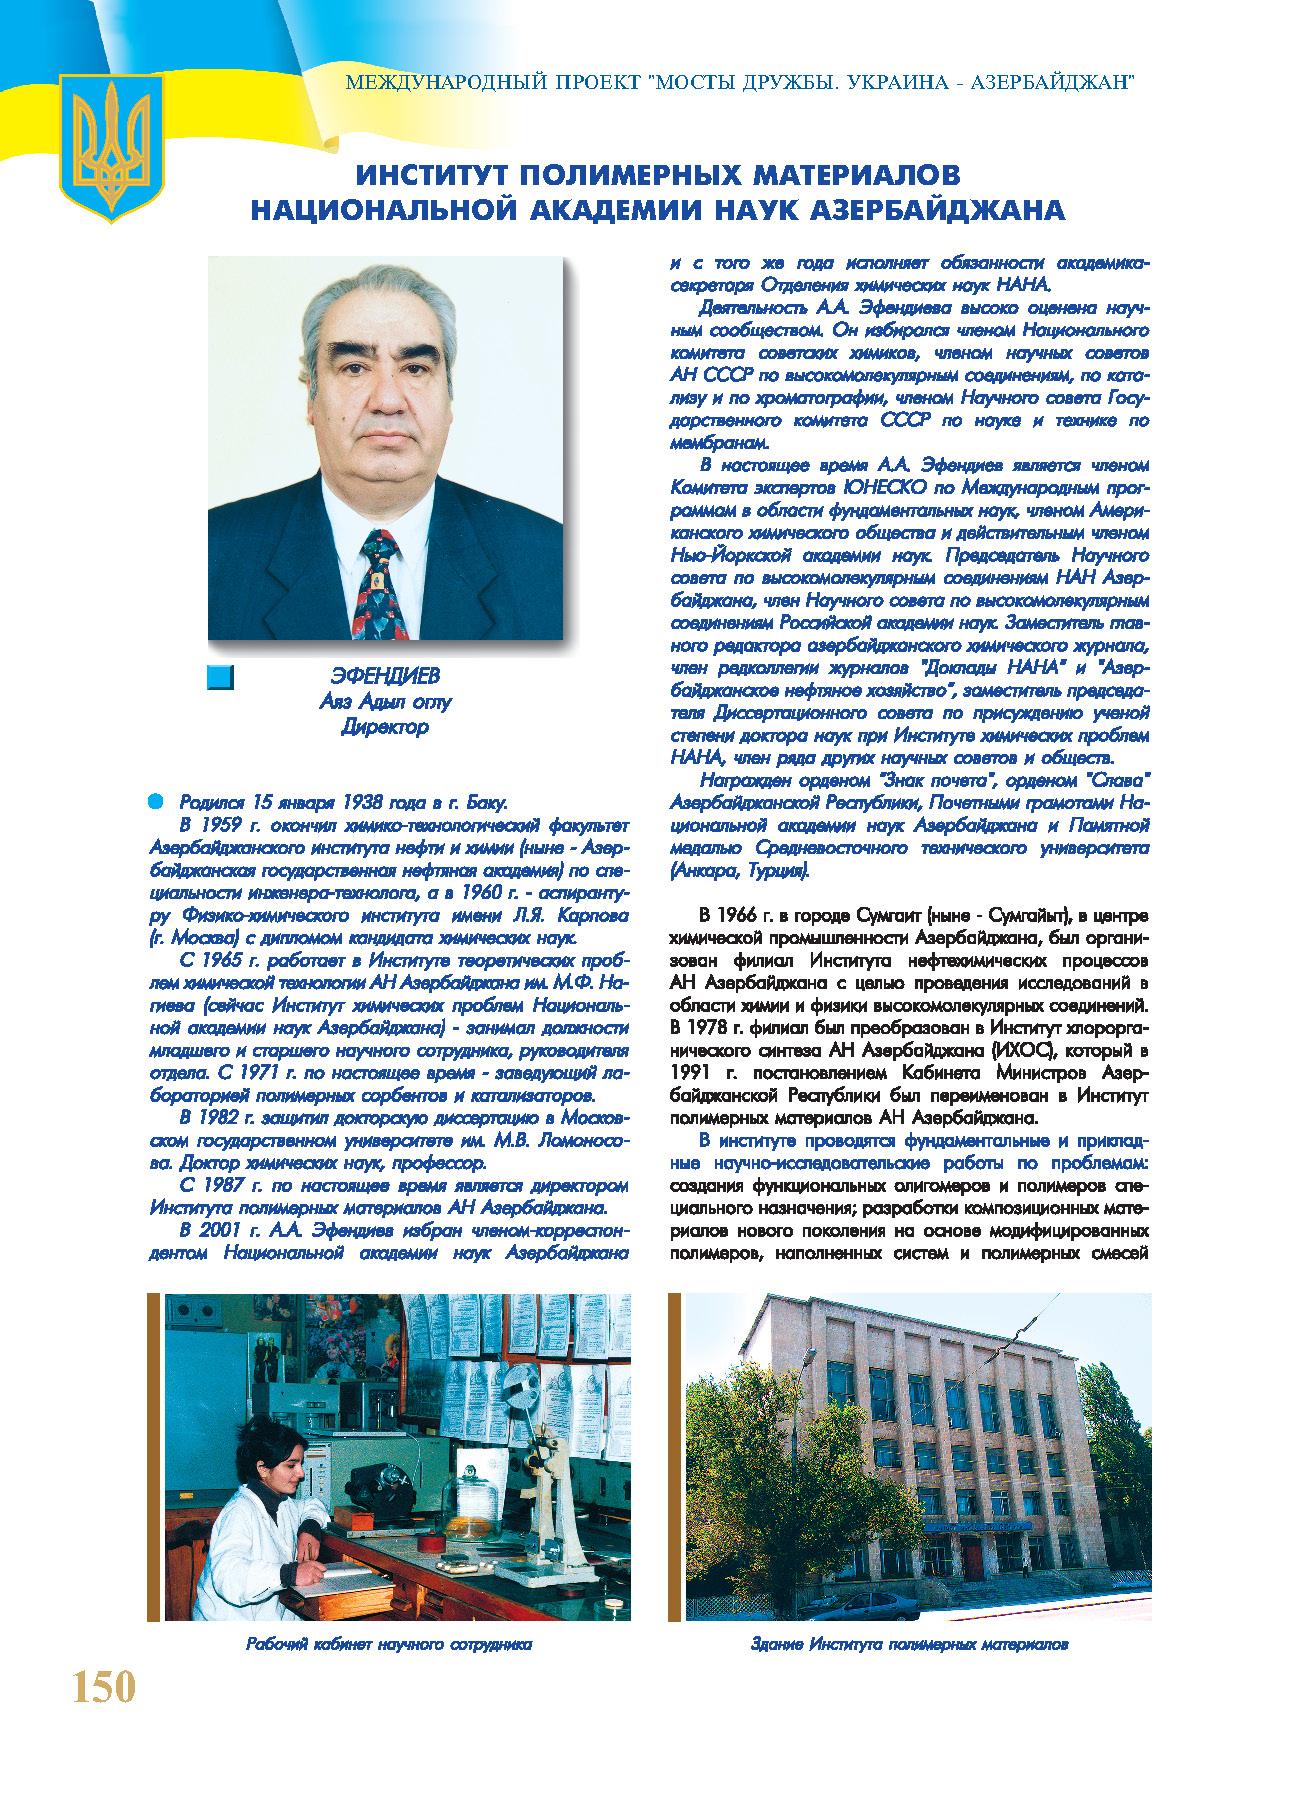 Институт полимерных материалов Национальной академии наук Азербайджана